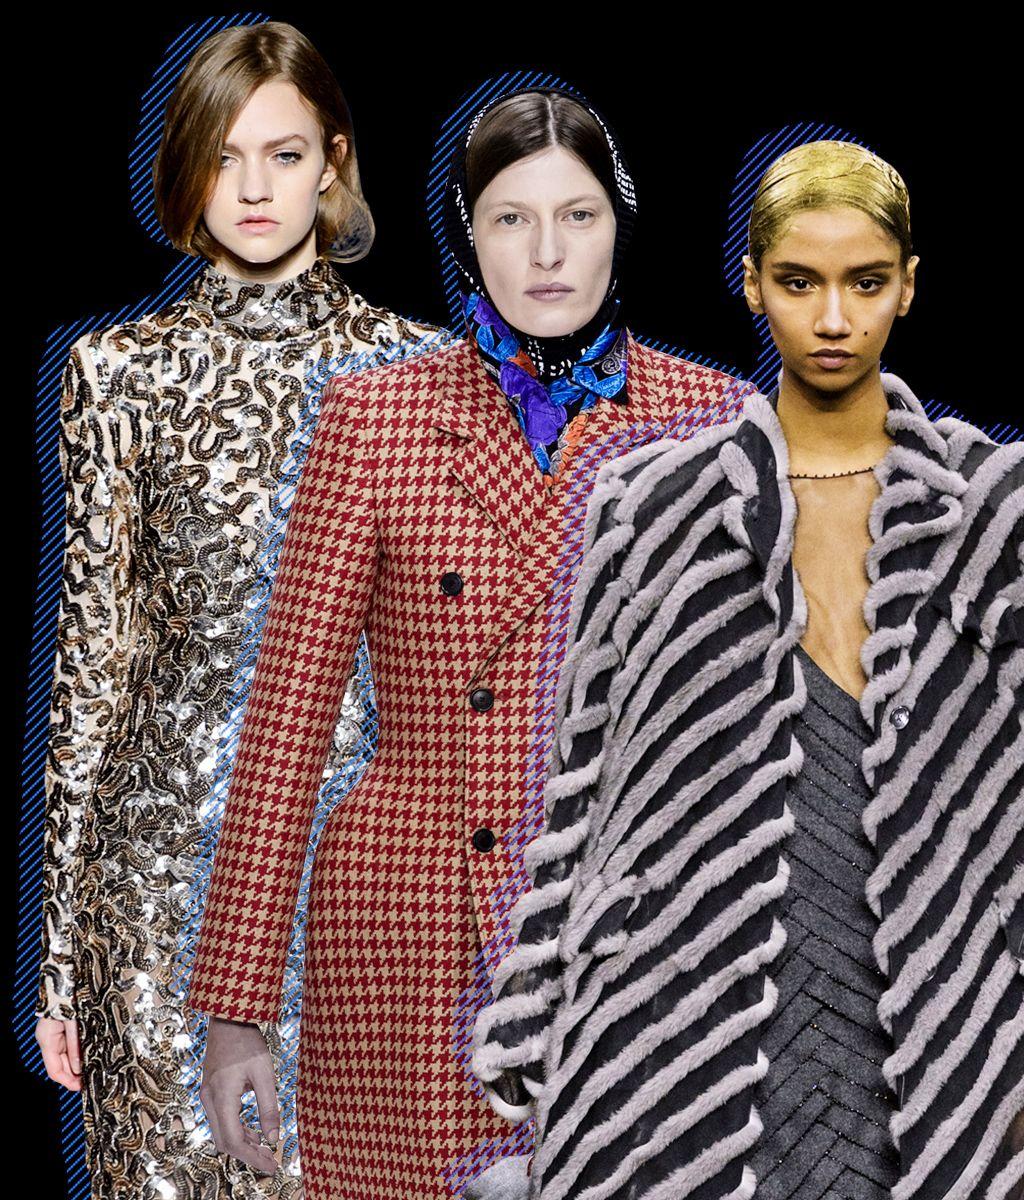 By Cathy Horyn · paris fashion week fall ... a181f16d6fd2a